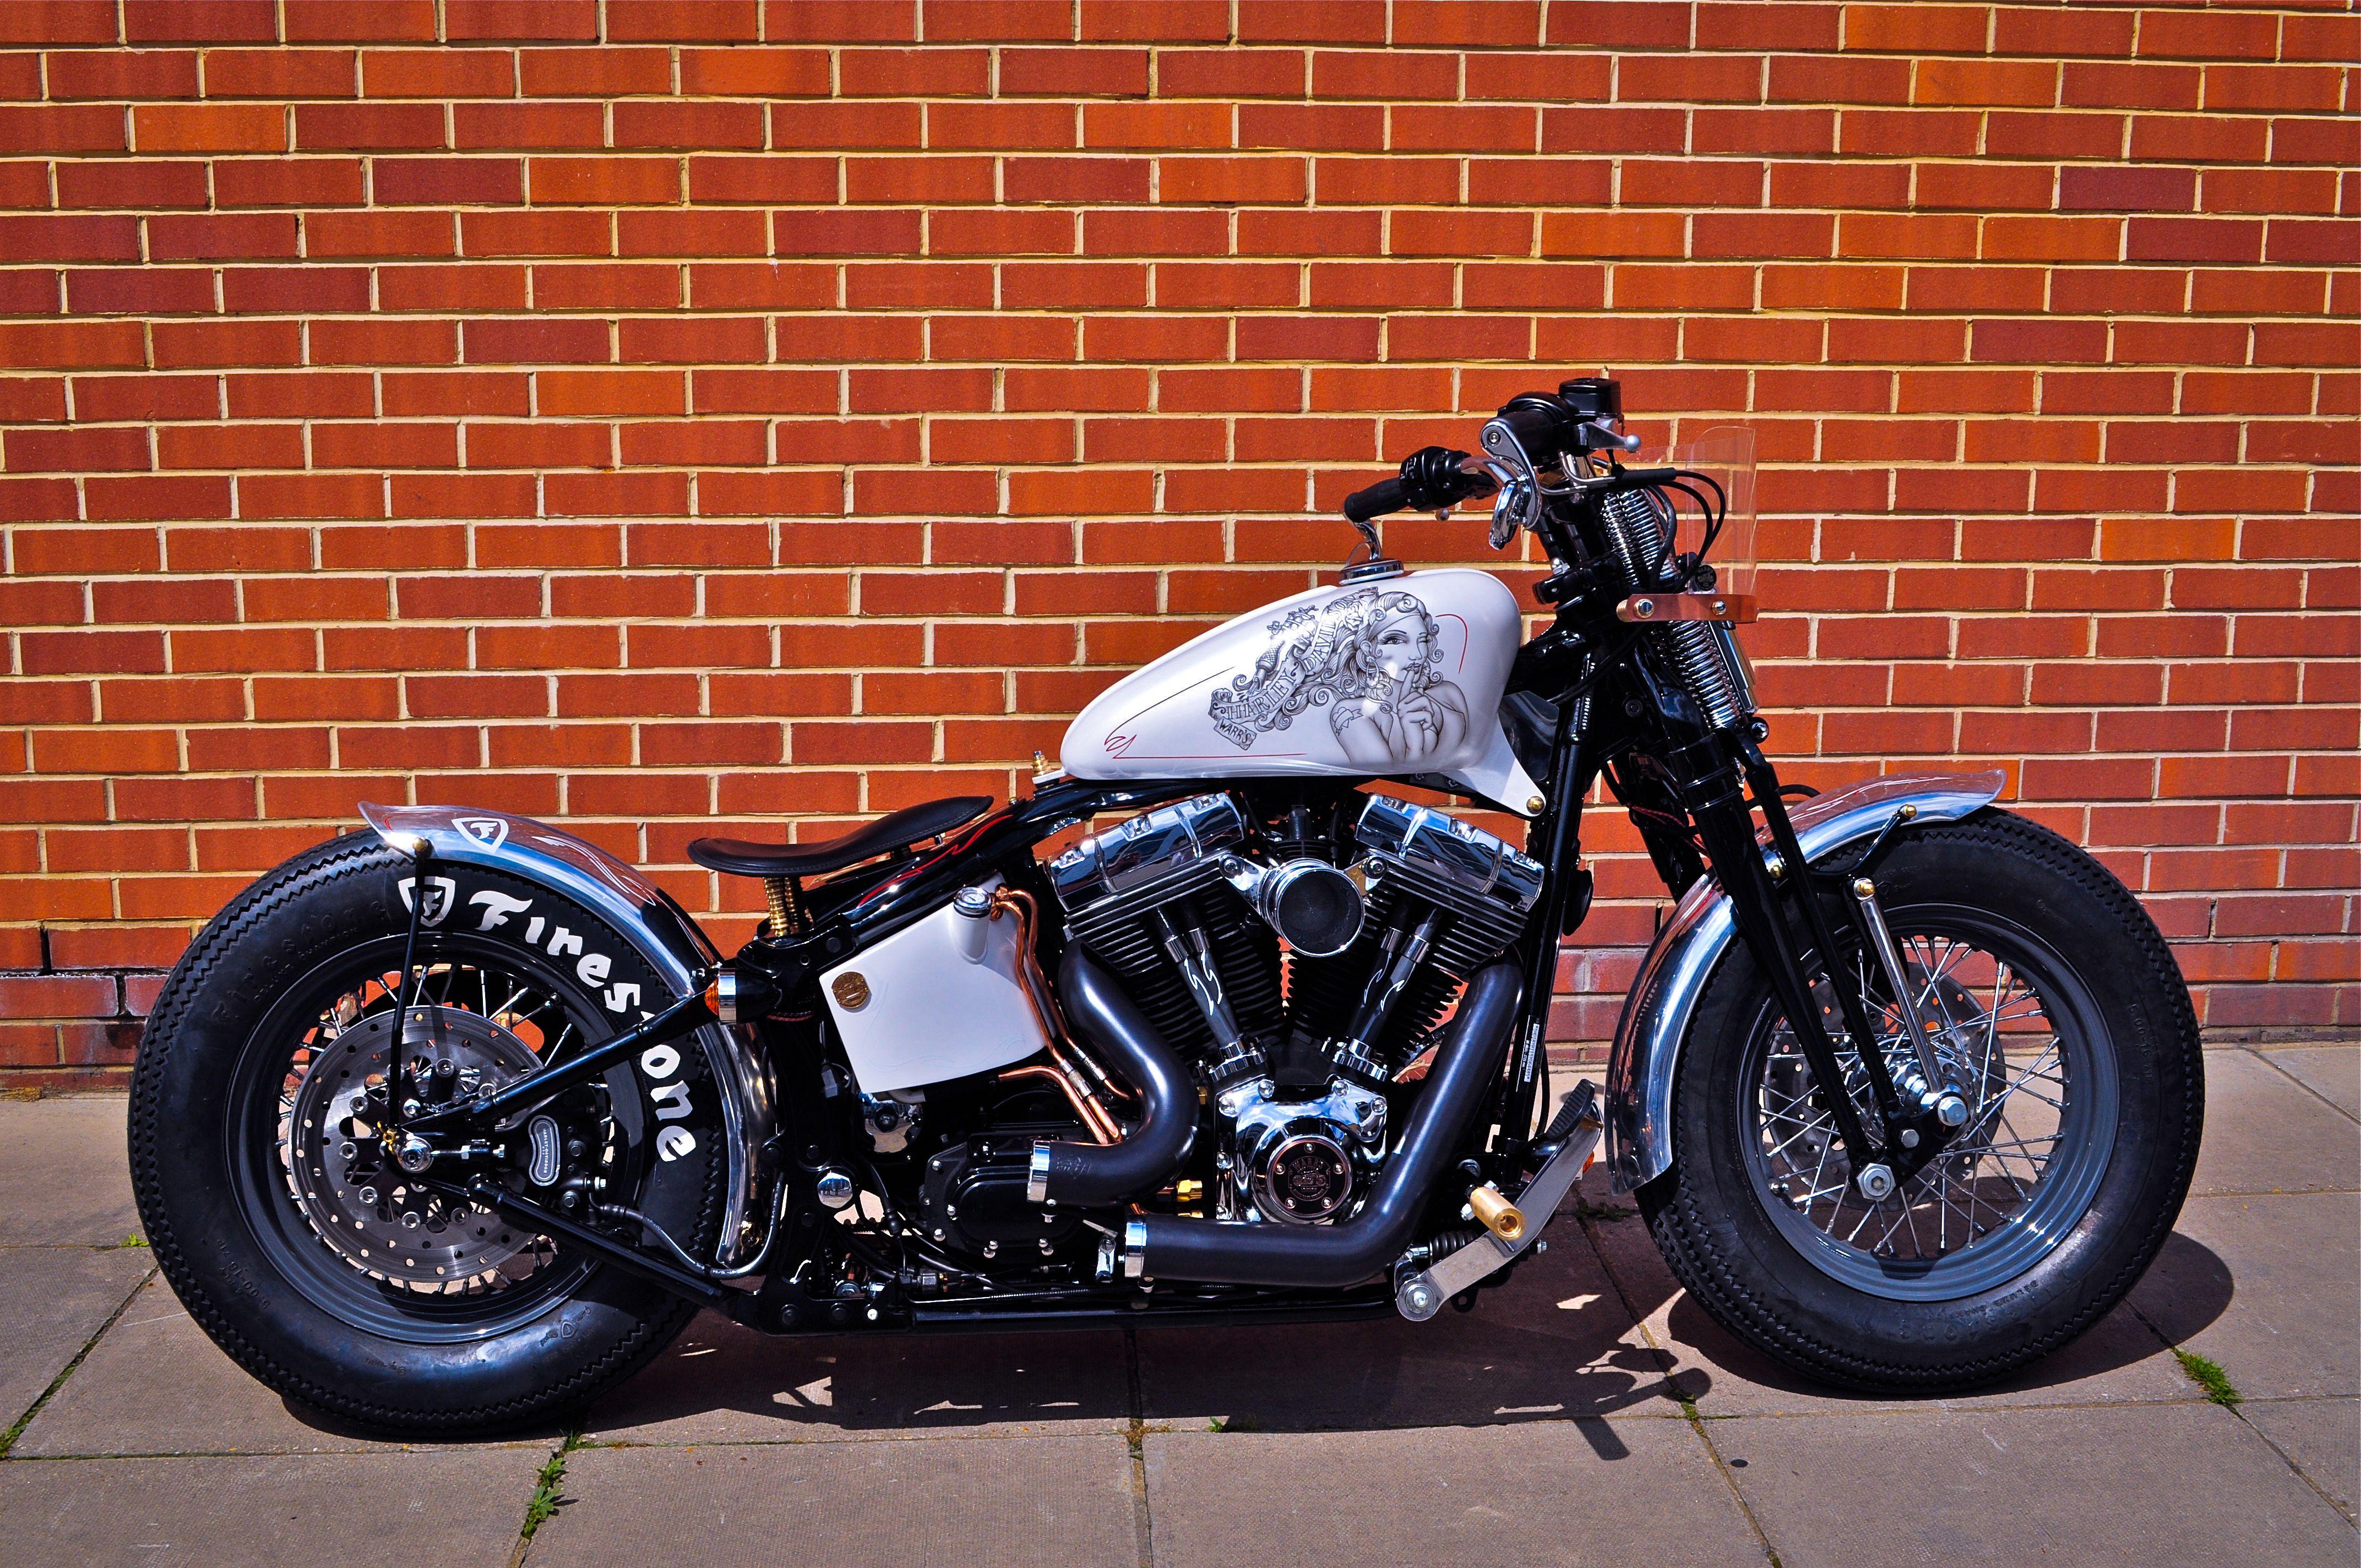 Cachinero Bobber Custom Harley-Davidson.    https://charliestockwell.wordpress.com/2011/12/29/cachinero-bobber-custom-harley-davidson/